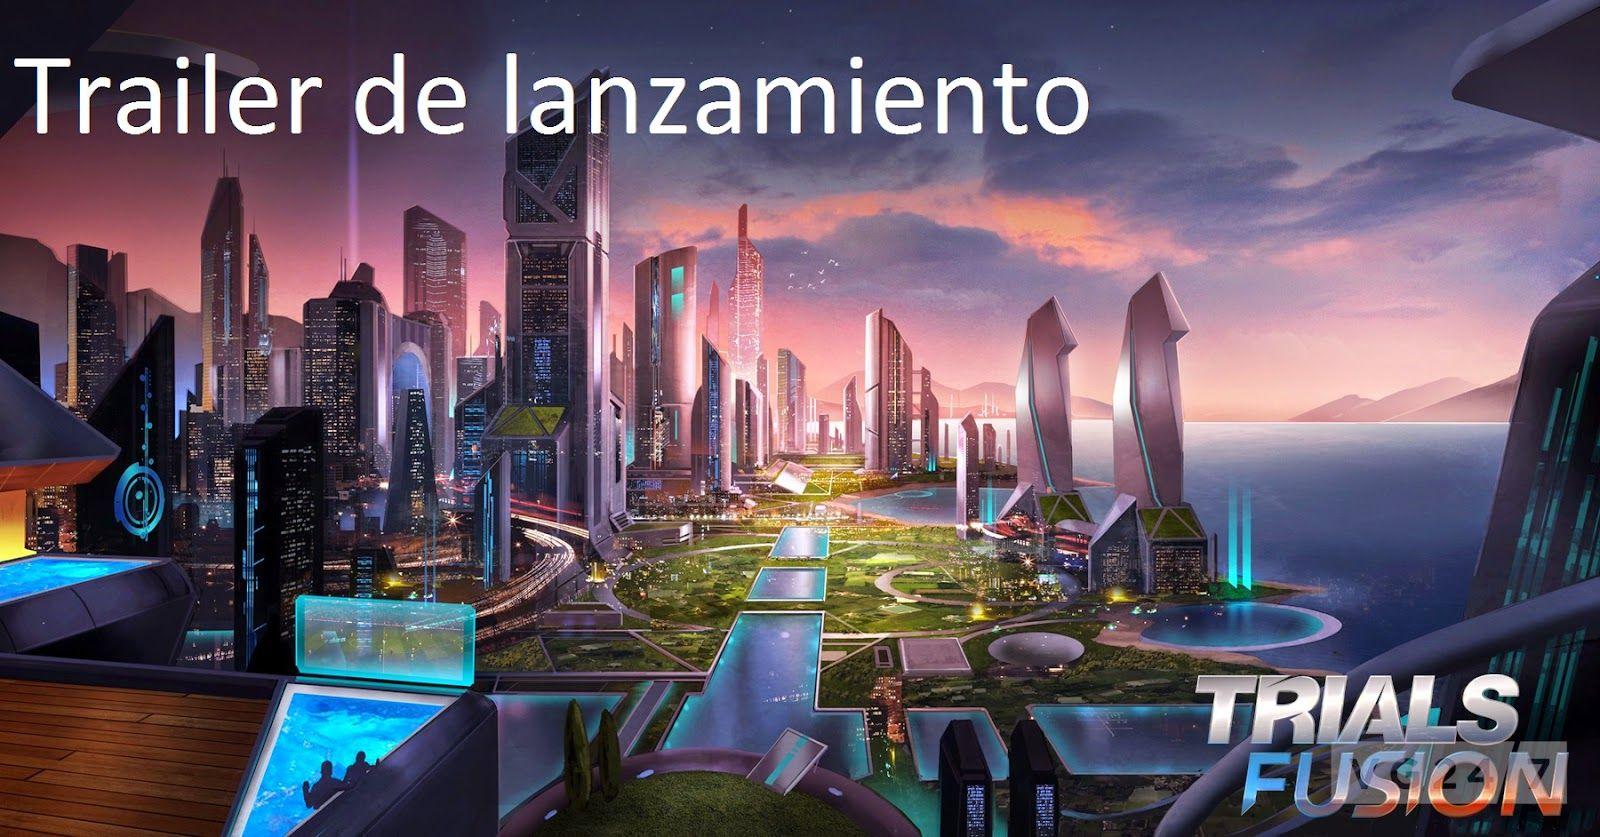 Total Gamer Spain (TGS7): Trials fusion - Trailer de lanzamiento